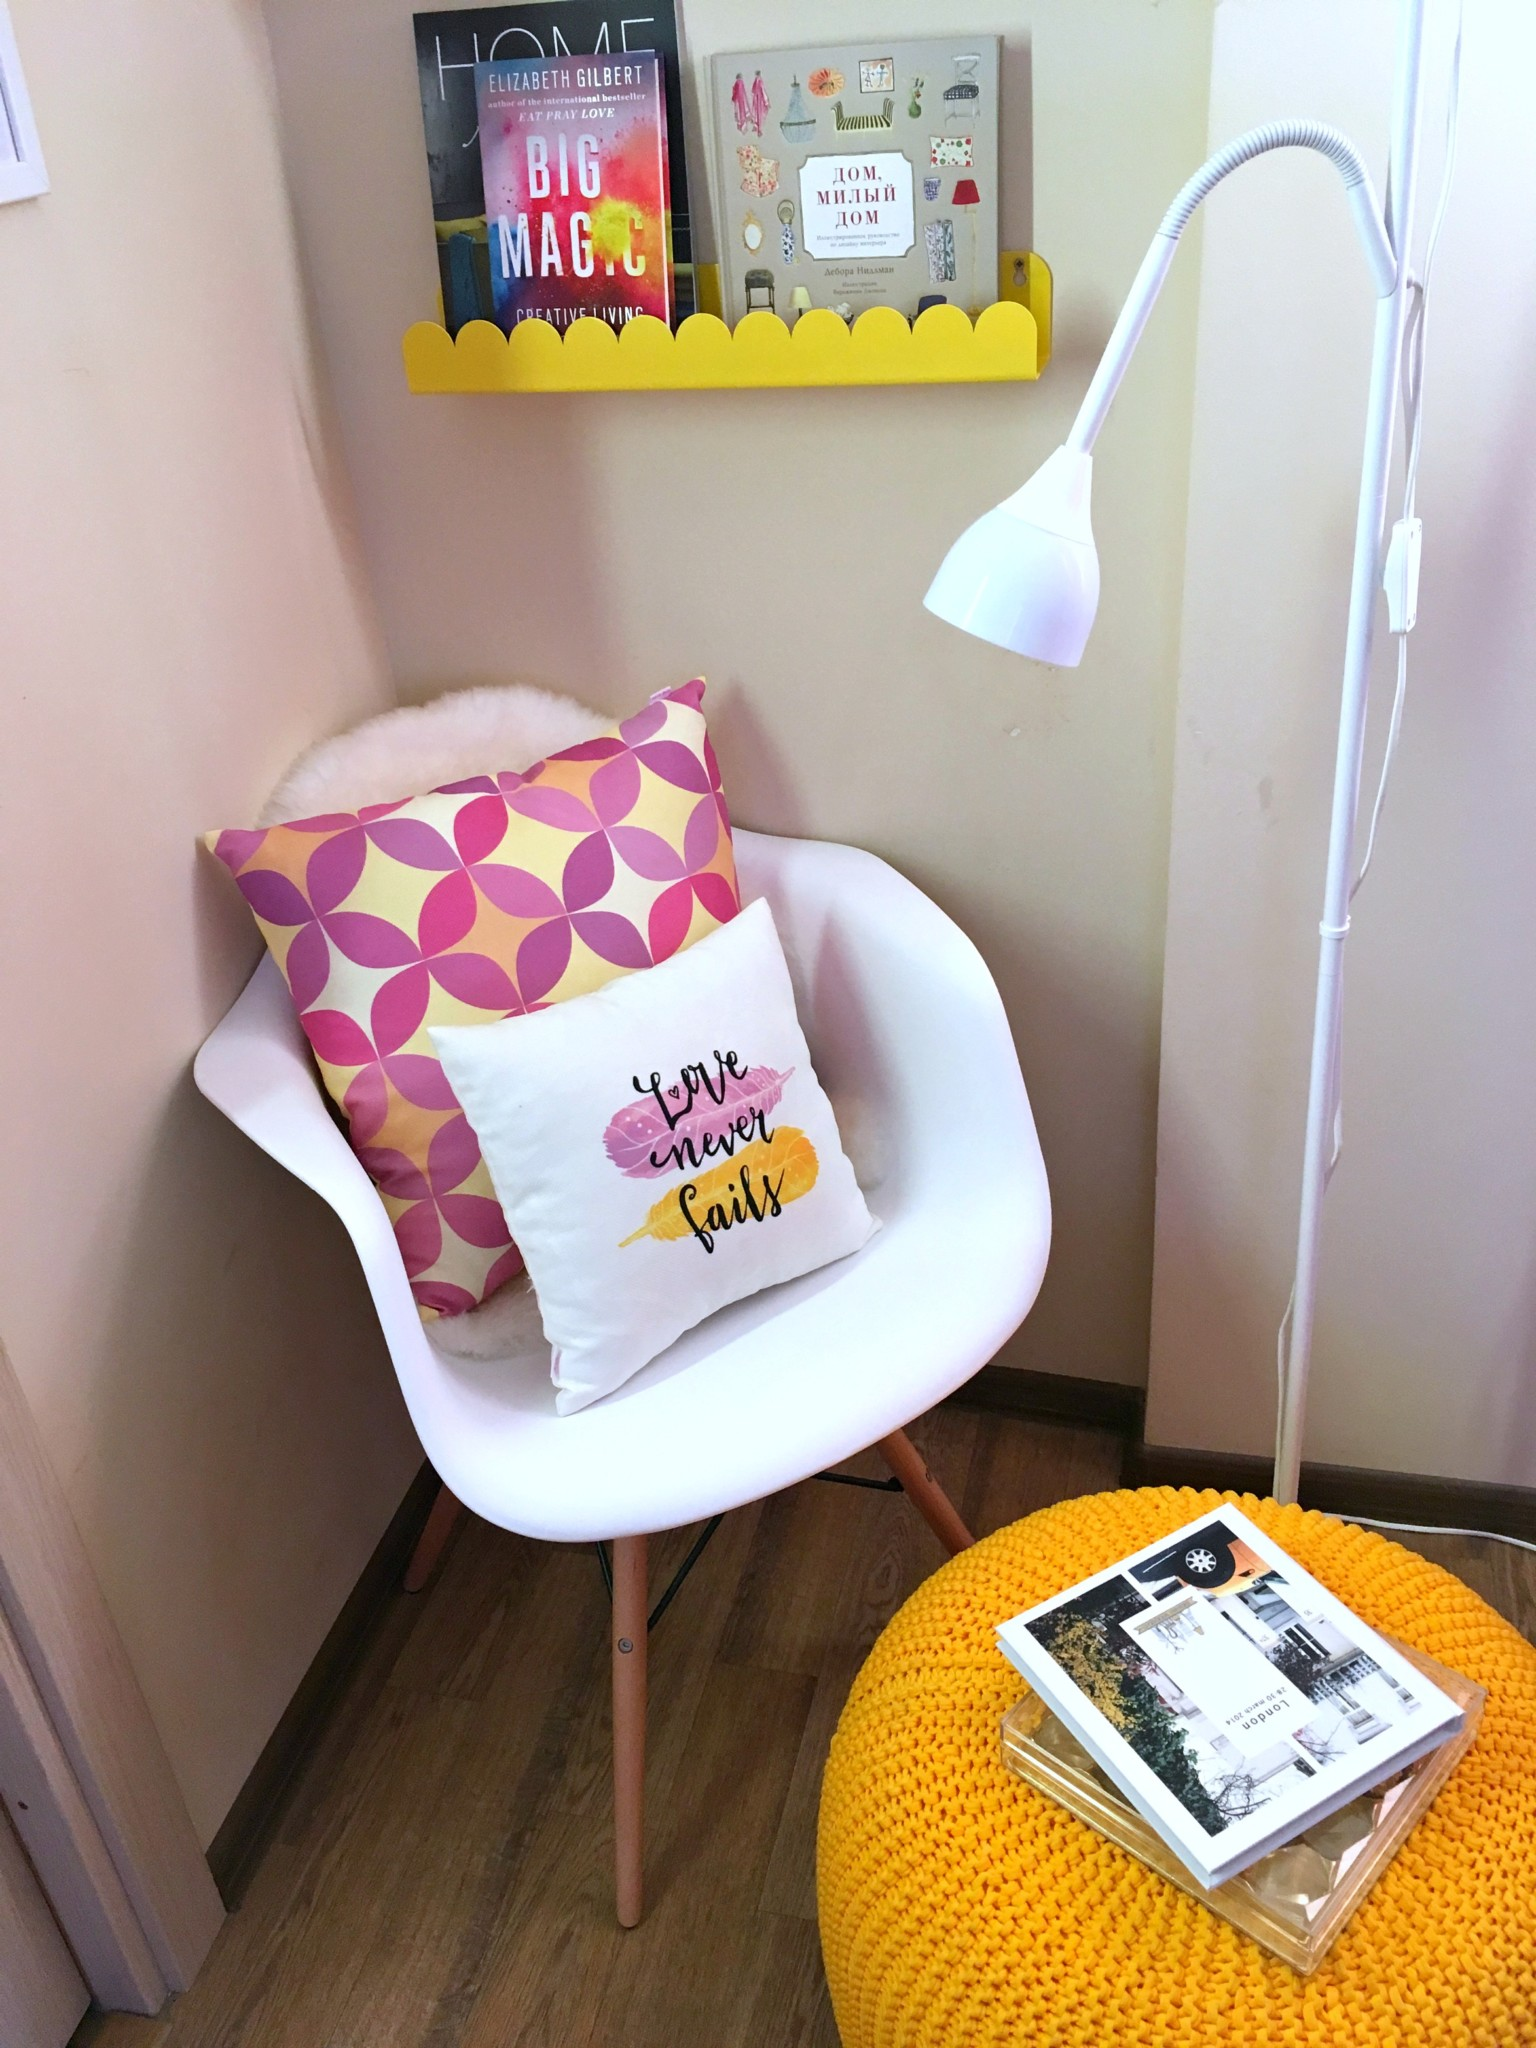 Как создать уголок для чтения | Блог Варвары Лялягиной «Дом, в который хочется приходить»